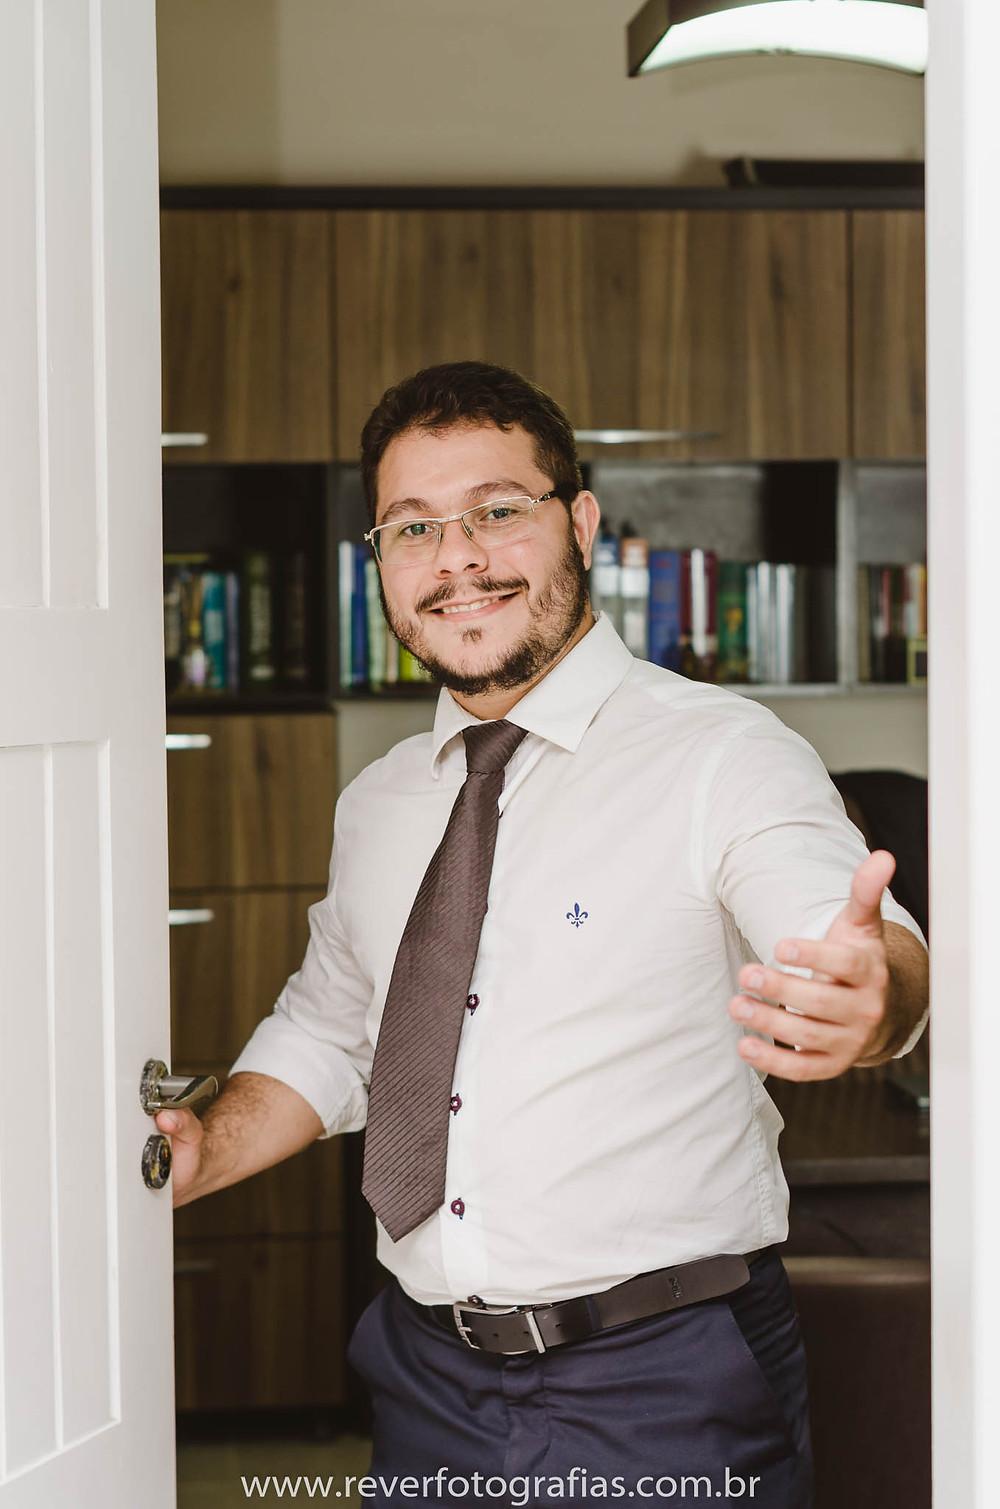 rever fotografias: fotografia de imagem profissional abrindo a porta e sorrindo no escritório